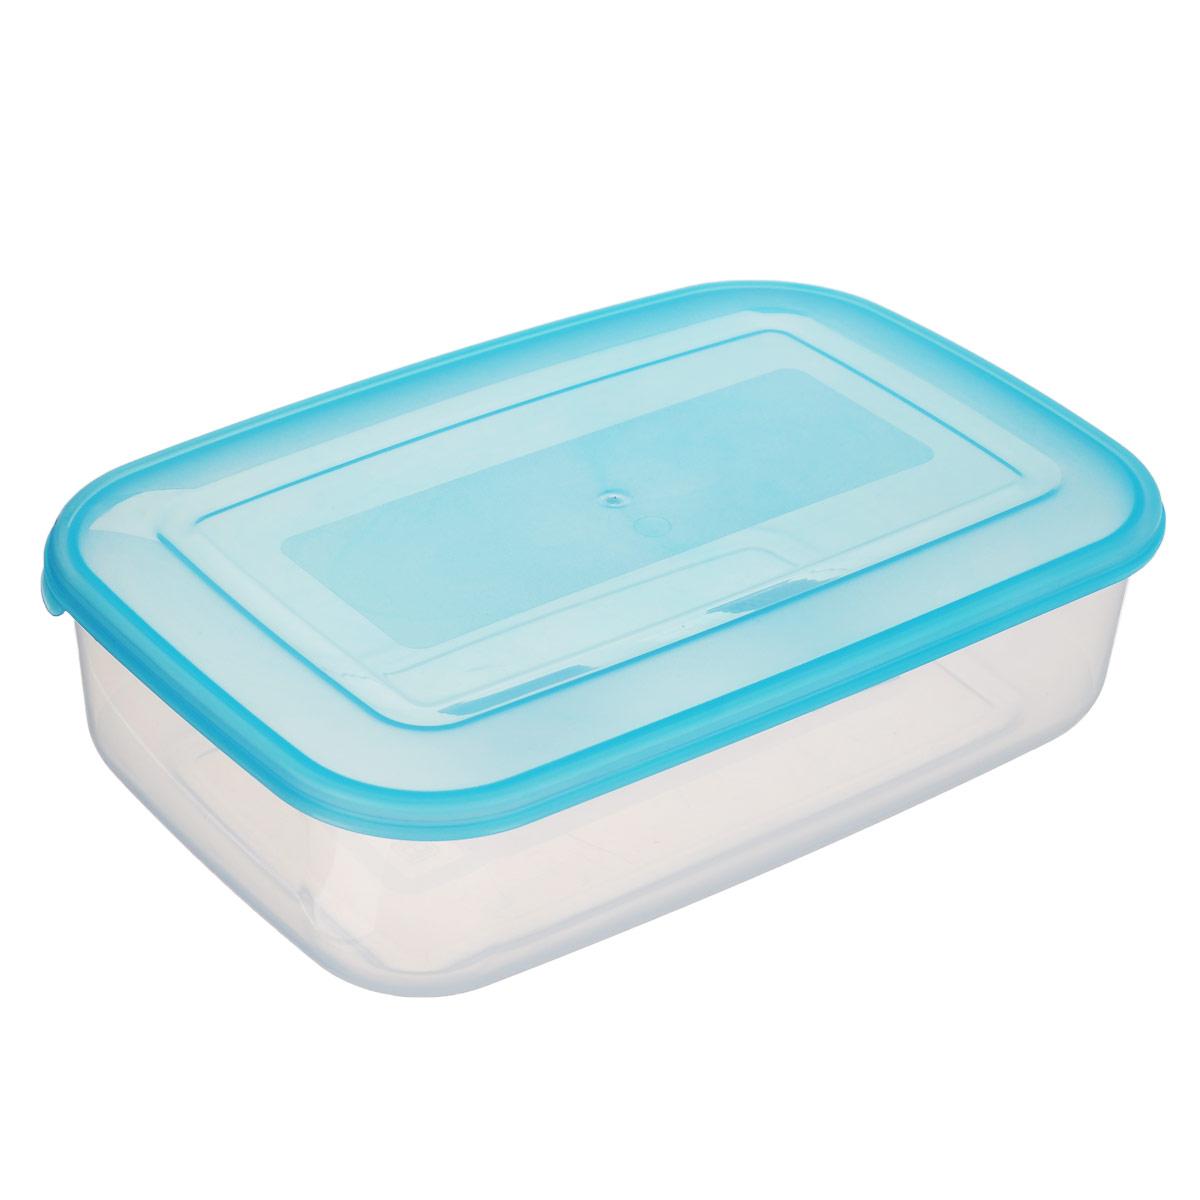 Контейнер Бытпласт Прима, 1,3 лС11007Контейнер Бытпласт Прима изготовлен из высококачественного полипропилена и не содержит Бисфенол А. Крышка легко и плотно закрывается. Контейнер устойчив к воздействию масел и жиров, легко моется. Подходит для использования в микроволновых печах, его можно мыть в посудомоечной машине. Объем контейнера: 1,3 л.